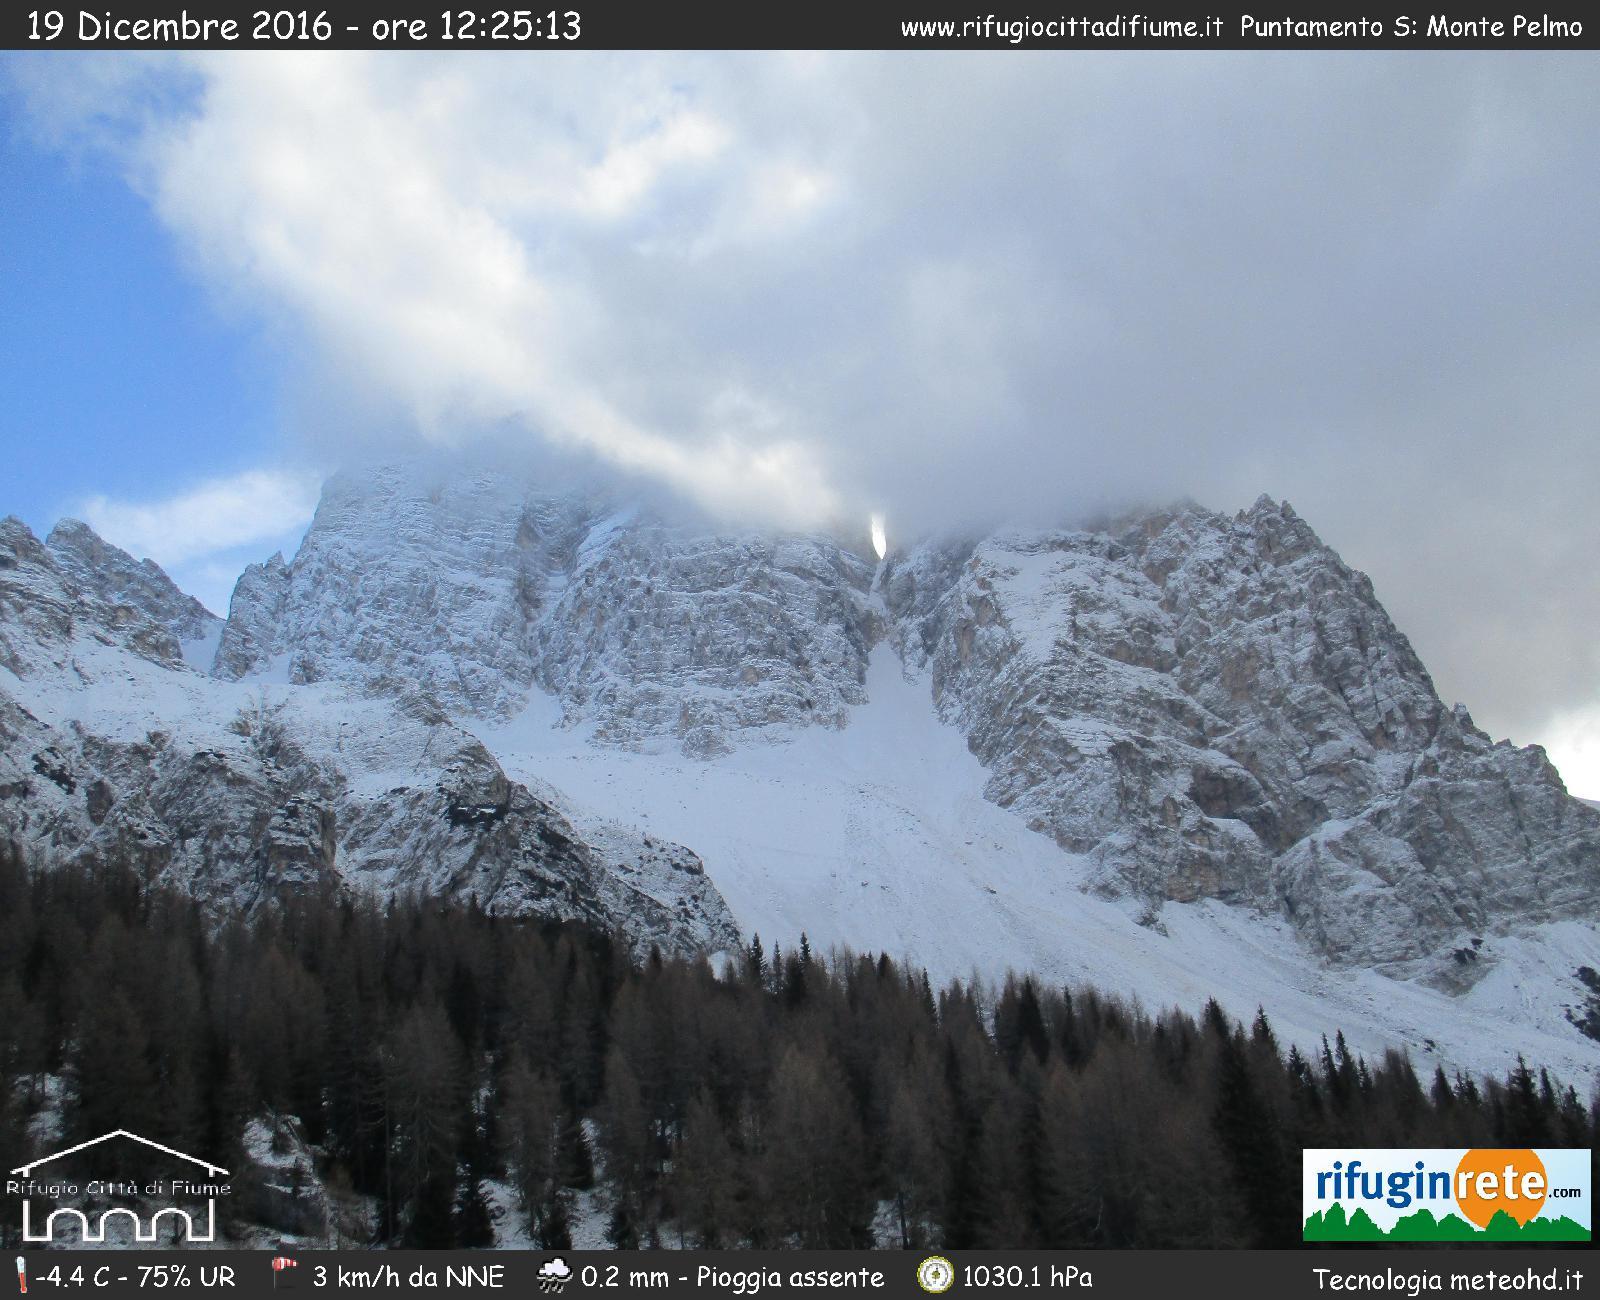 Veneto centro-settentrionale Inverno 2016-17-pelmo-19-12-16.jpg